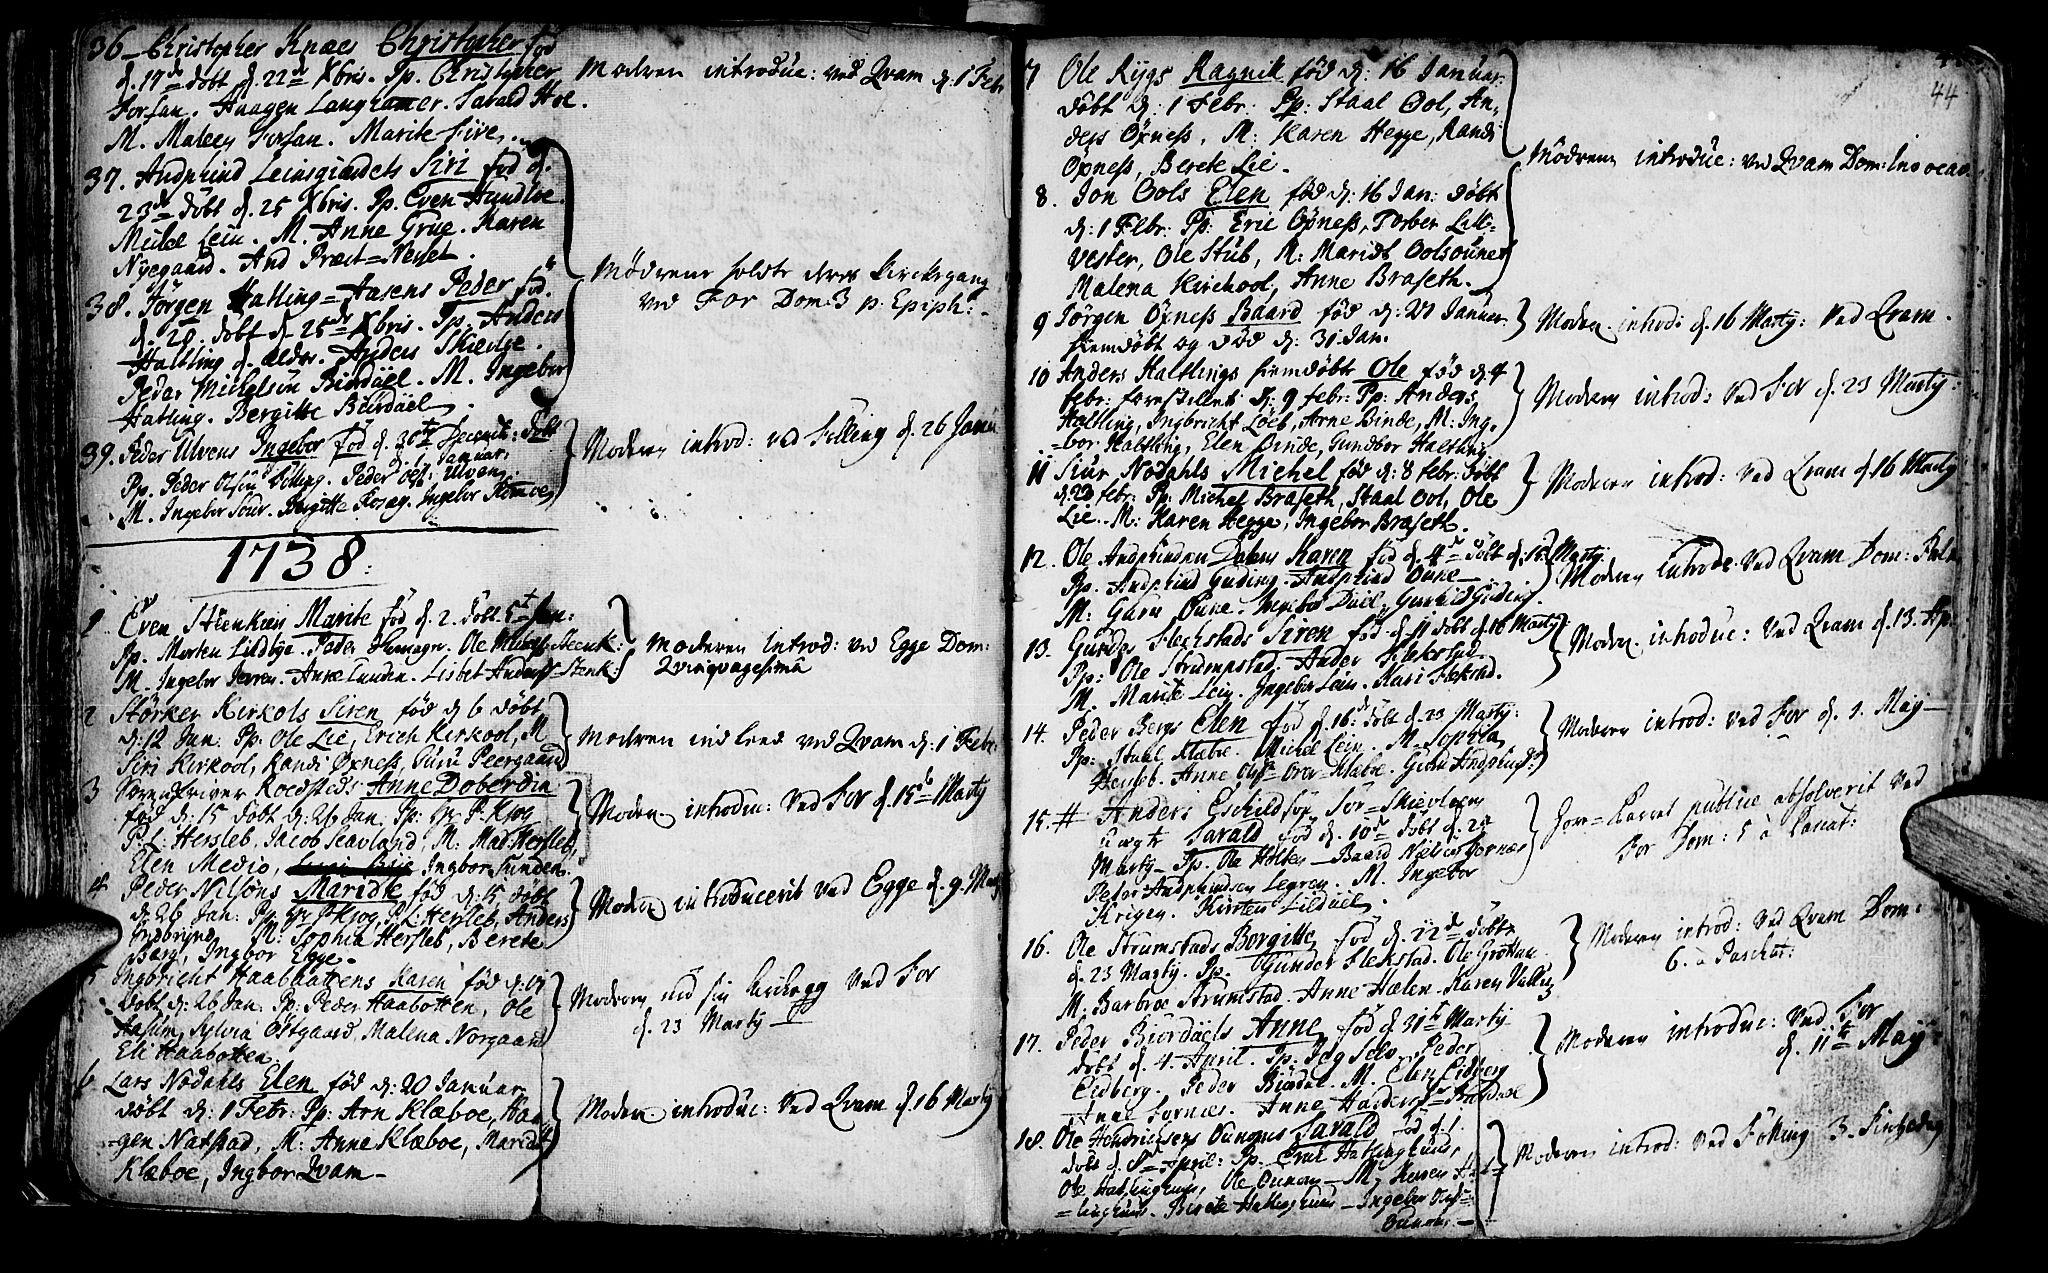 SAT, Ministerialprotokoller, klokkerbøker og fødselsregistre - Nord-Trøndelag, 746/L0439: Ministerialbok nr. 746A01, 1688-1759, s. 44